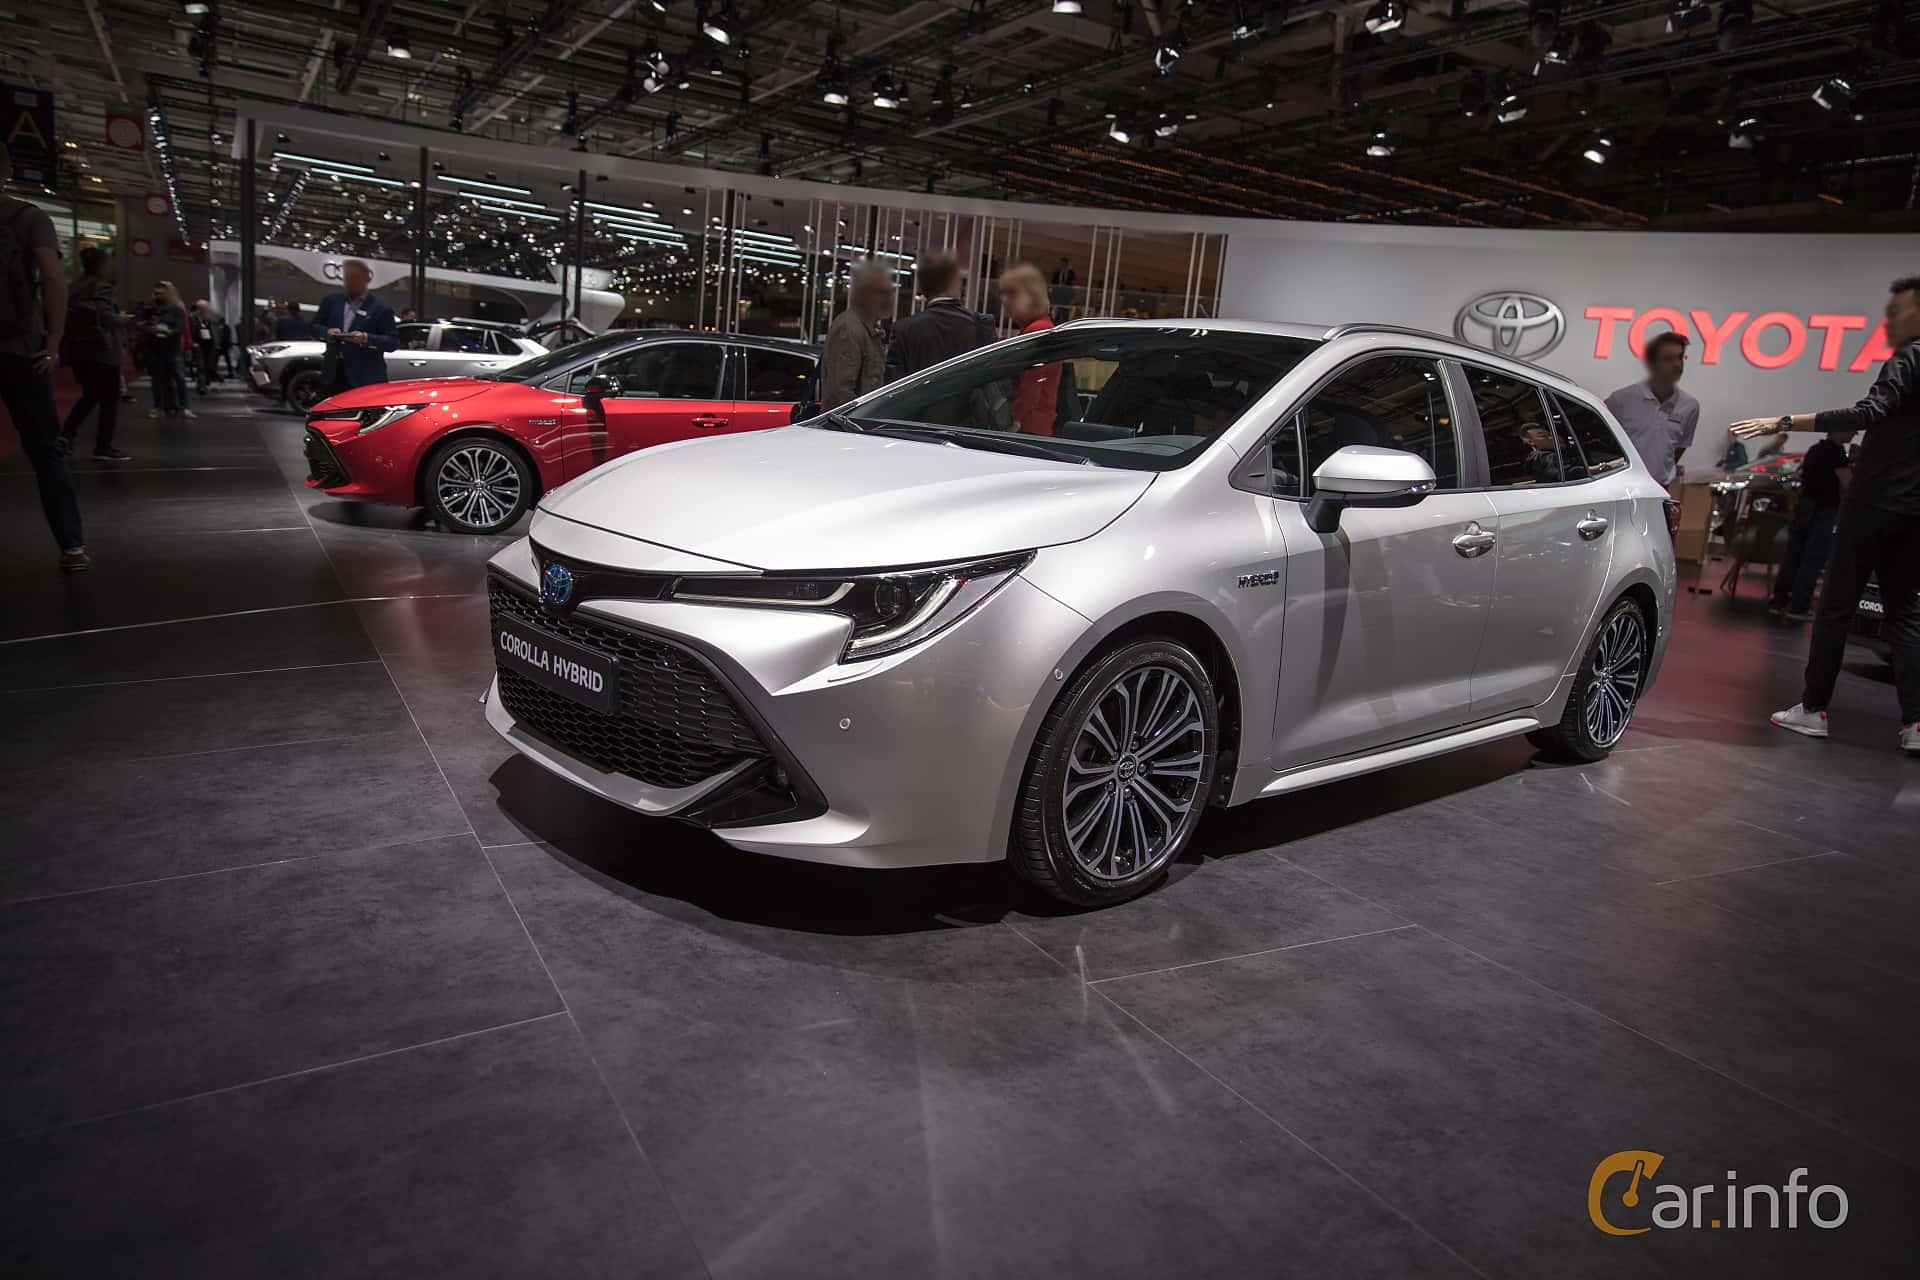 7 Images Of Toyota Corolla Hybrid Station Wagon 1 8 Vvt I 3jm Cvt